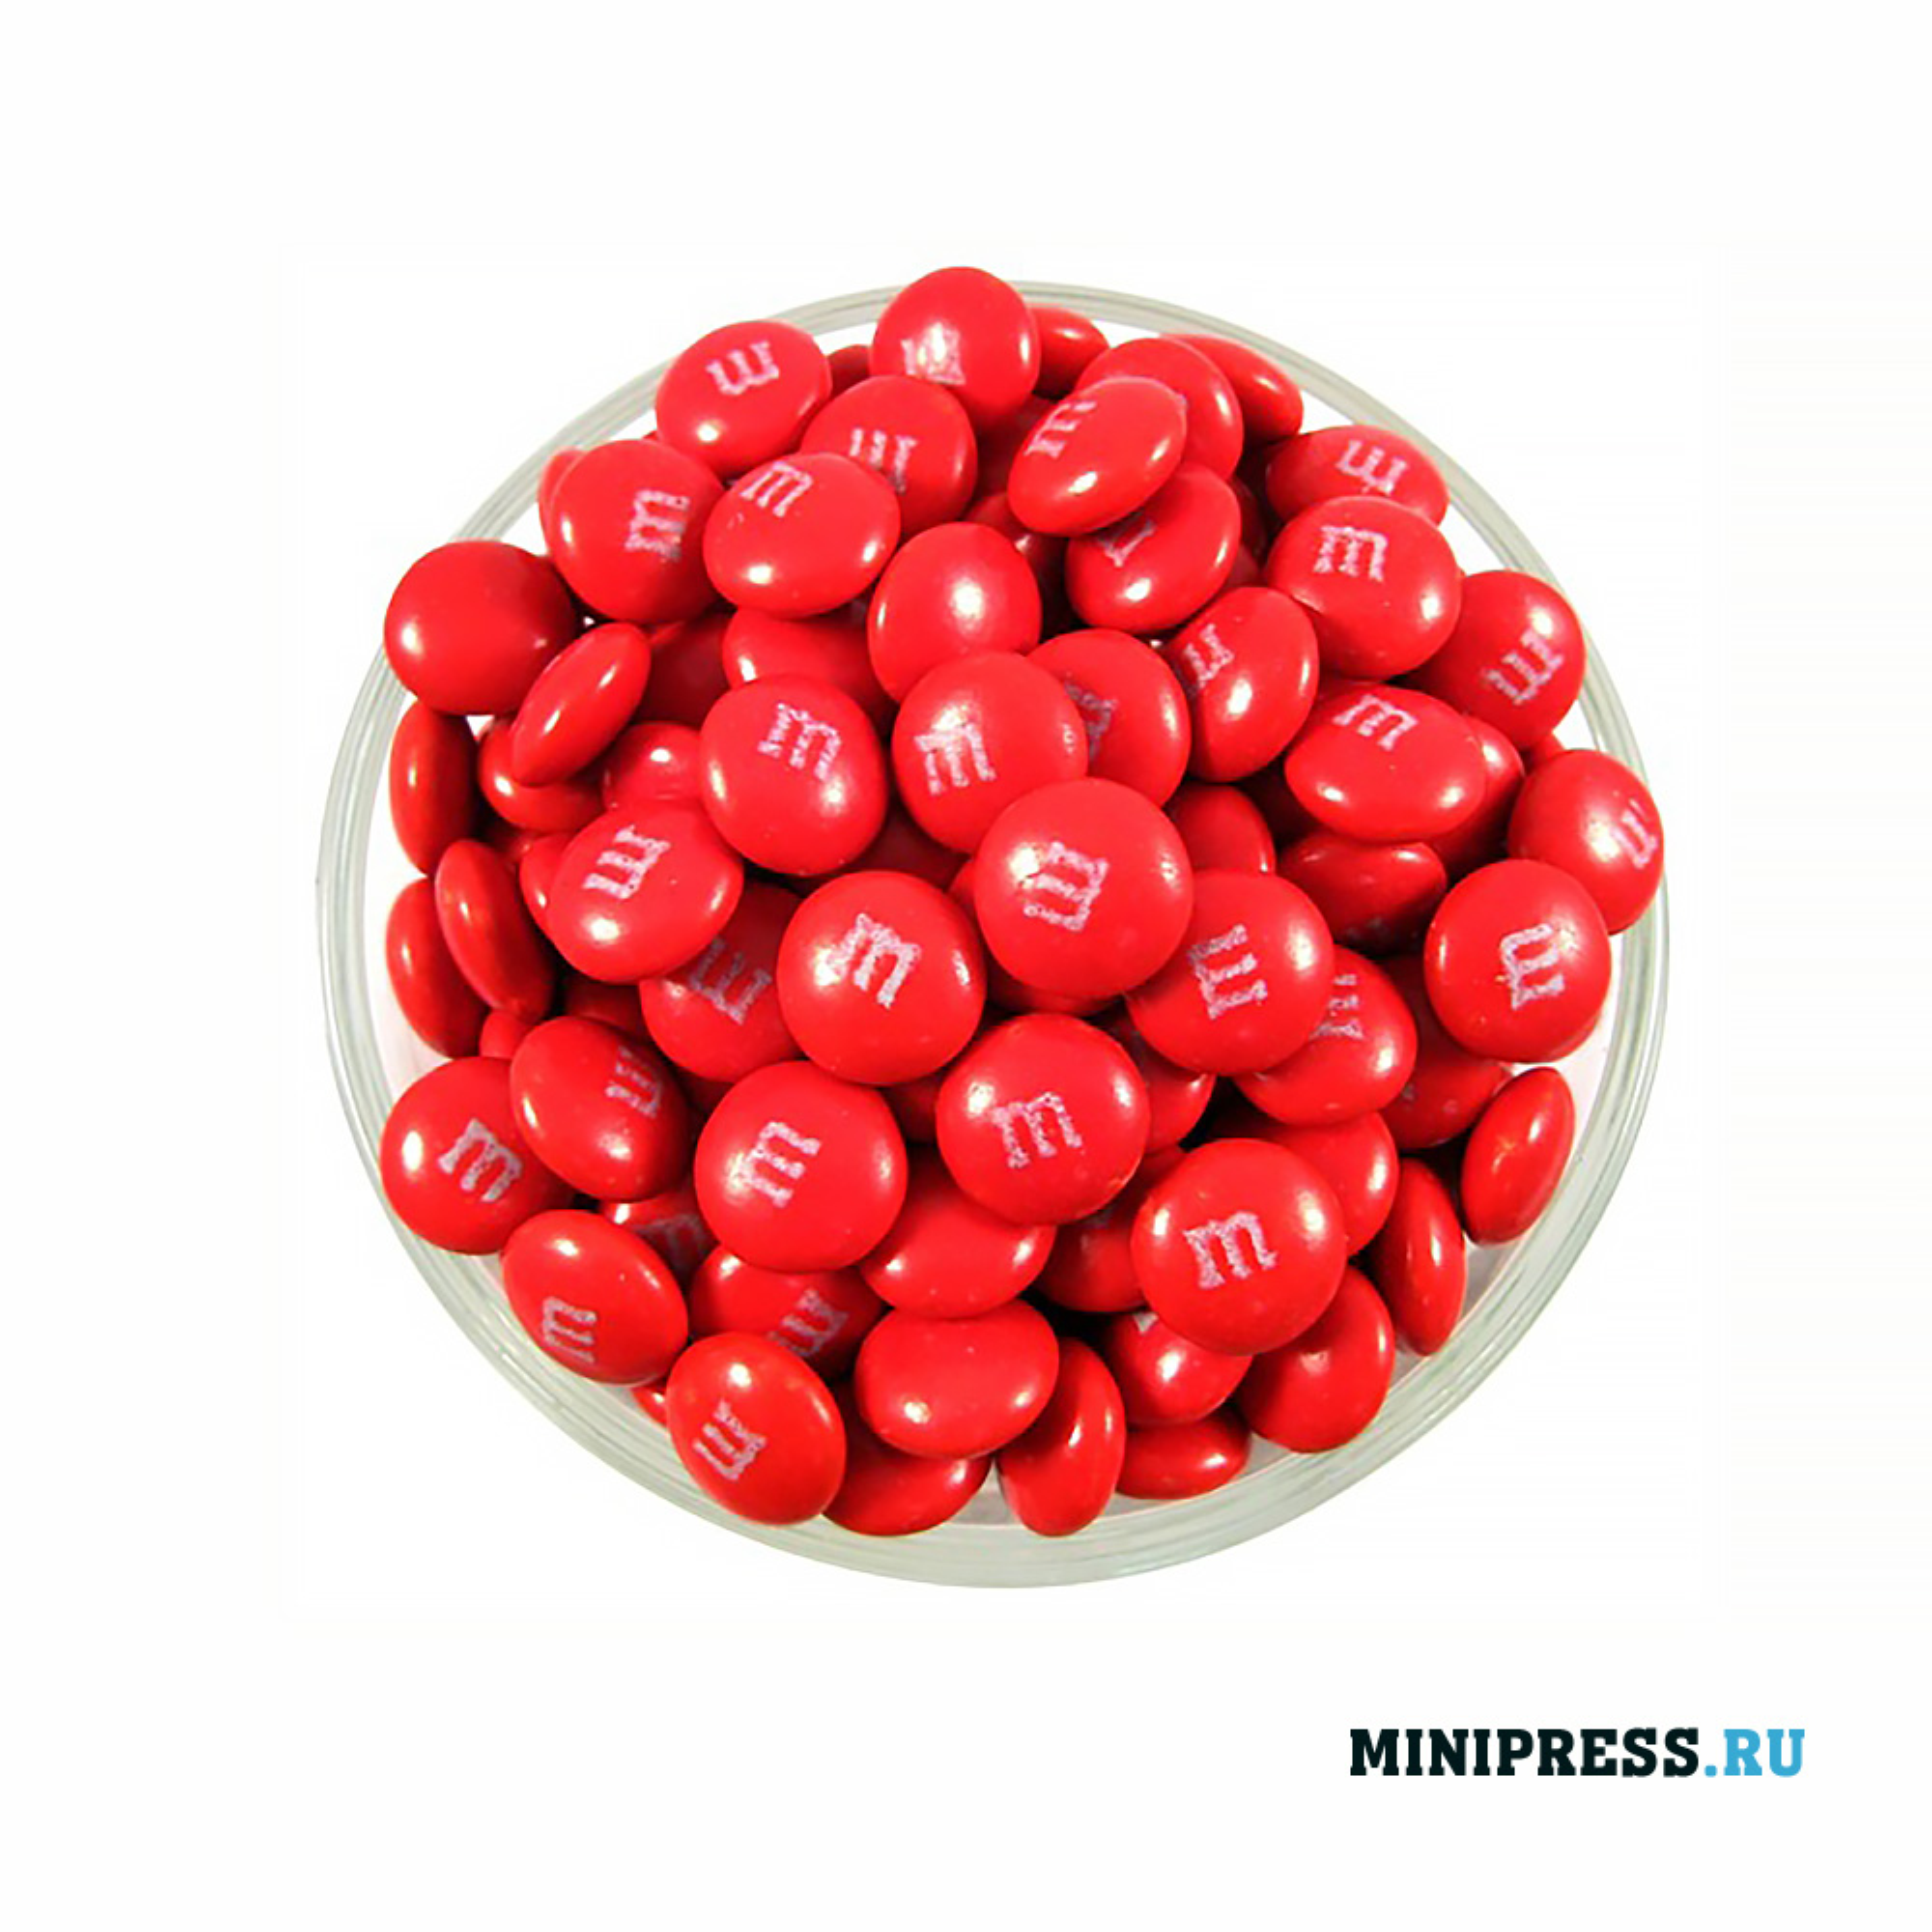 Принтер для печати на таблетках, драже и капсулах, жевательной резинке, конфетах, покрытых оболочкой орехах